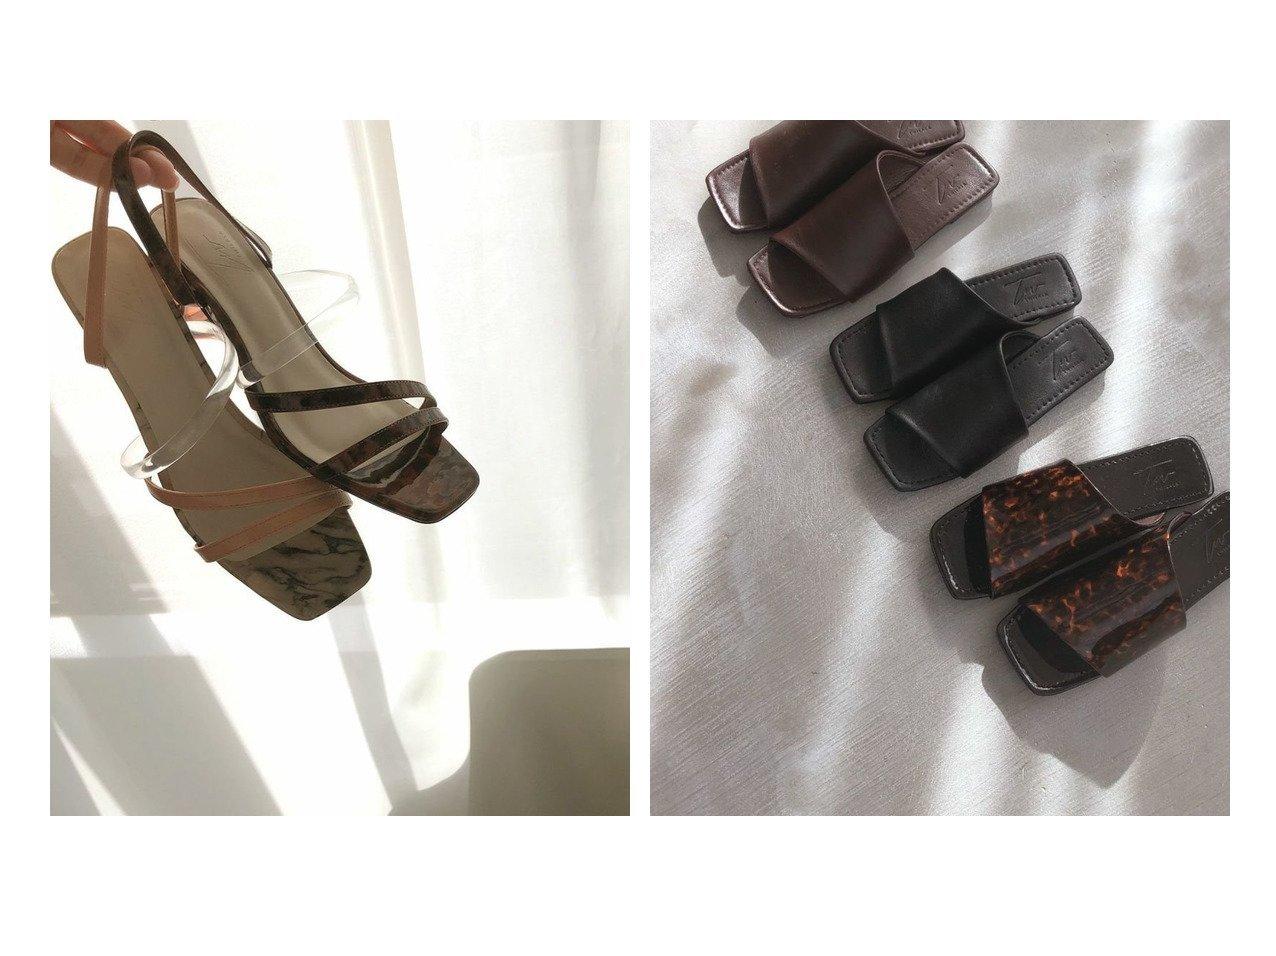 【marjour/マージュール】のクリアヒールサンダル CLEAR HEEL SANDAL&スリッパーライクサンダル SLIPPER LIKE SANDAL おすすめ!人気、トレンド・レディースファッションの通販 おすすめで人気の流行・トレンド、ファッションの通販商品 メンズファッション・キッズファッション・インテリア・家具・レディースファッション・服の通販 founy(ファニー) https://founy.com/ ファッション Fashion レディースファッション WOMEN サンダル バランス マーブル ラップ エナメル デニム フェイクレザー フラット ベーシック |ID:crp329100000037037